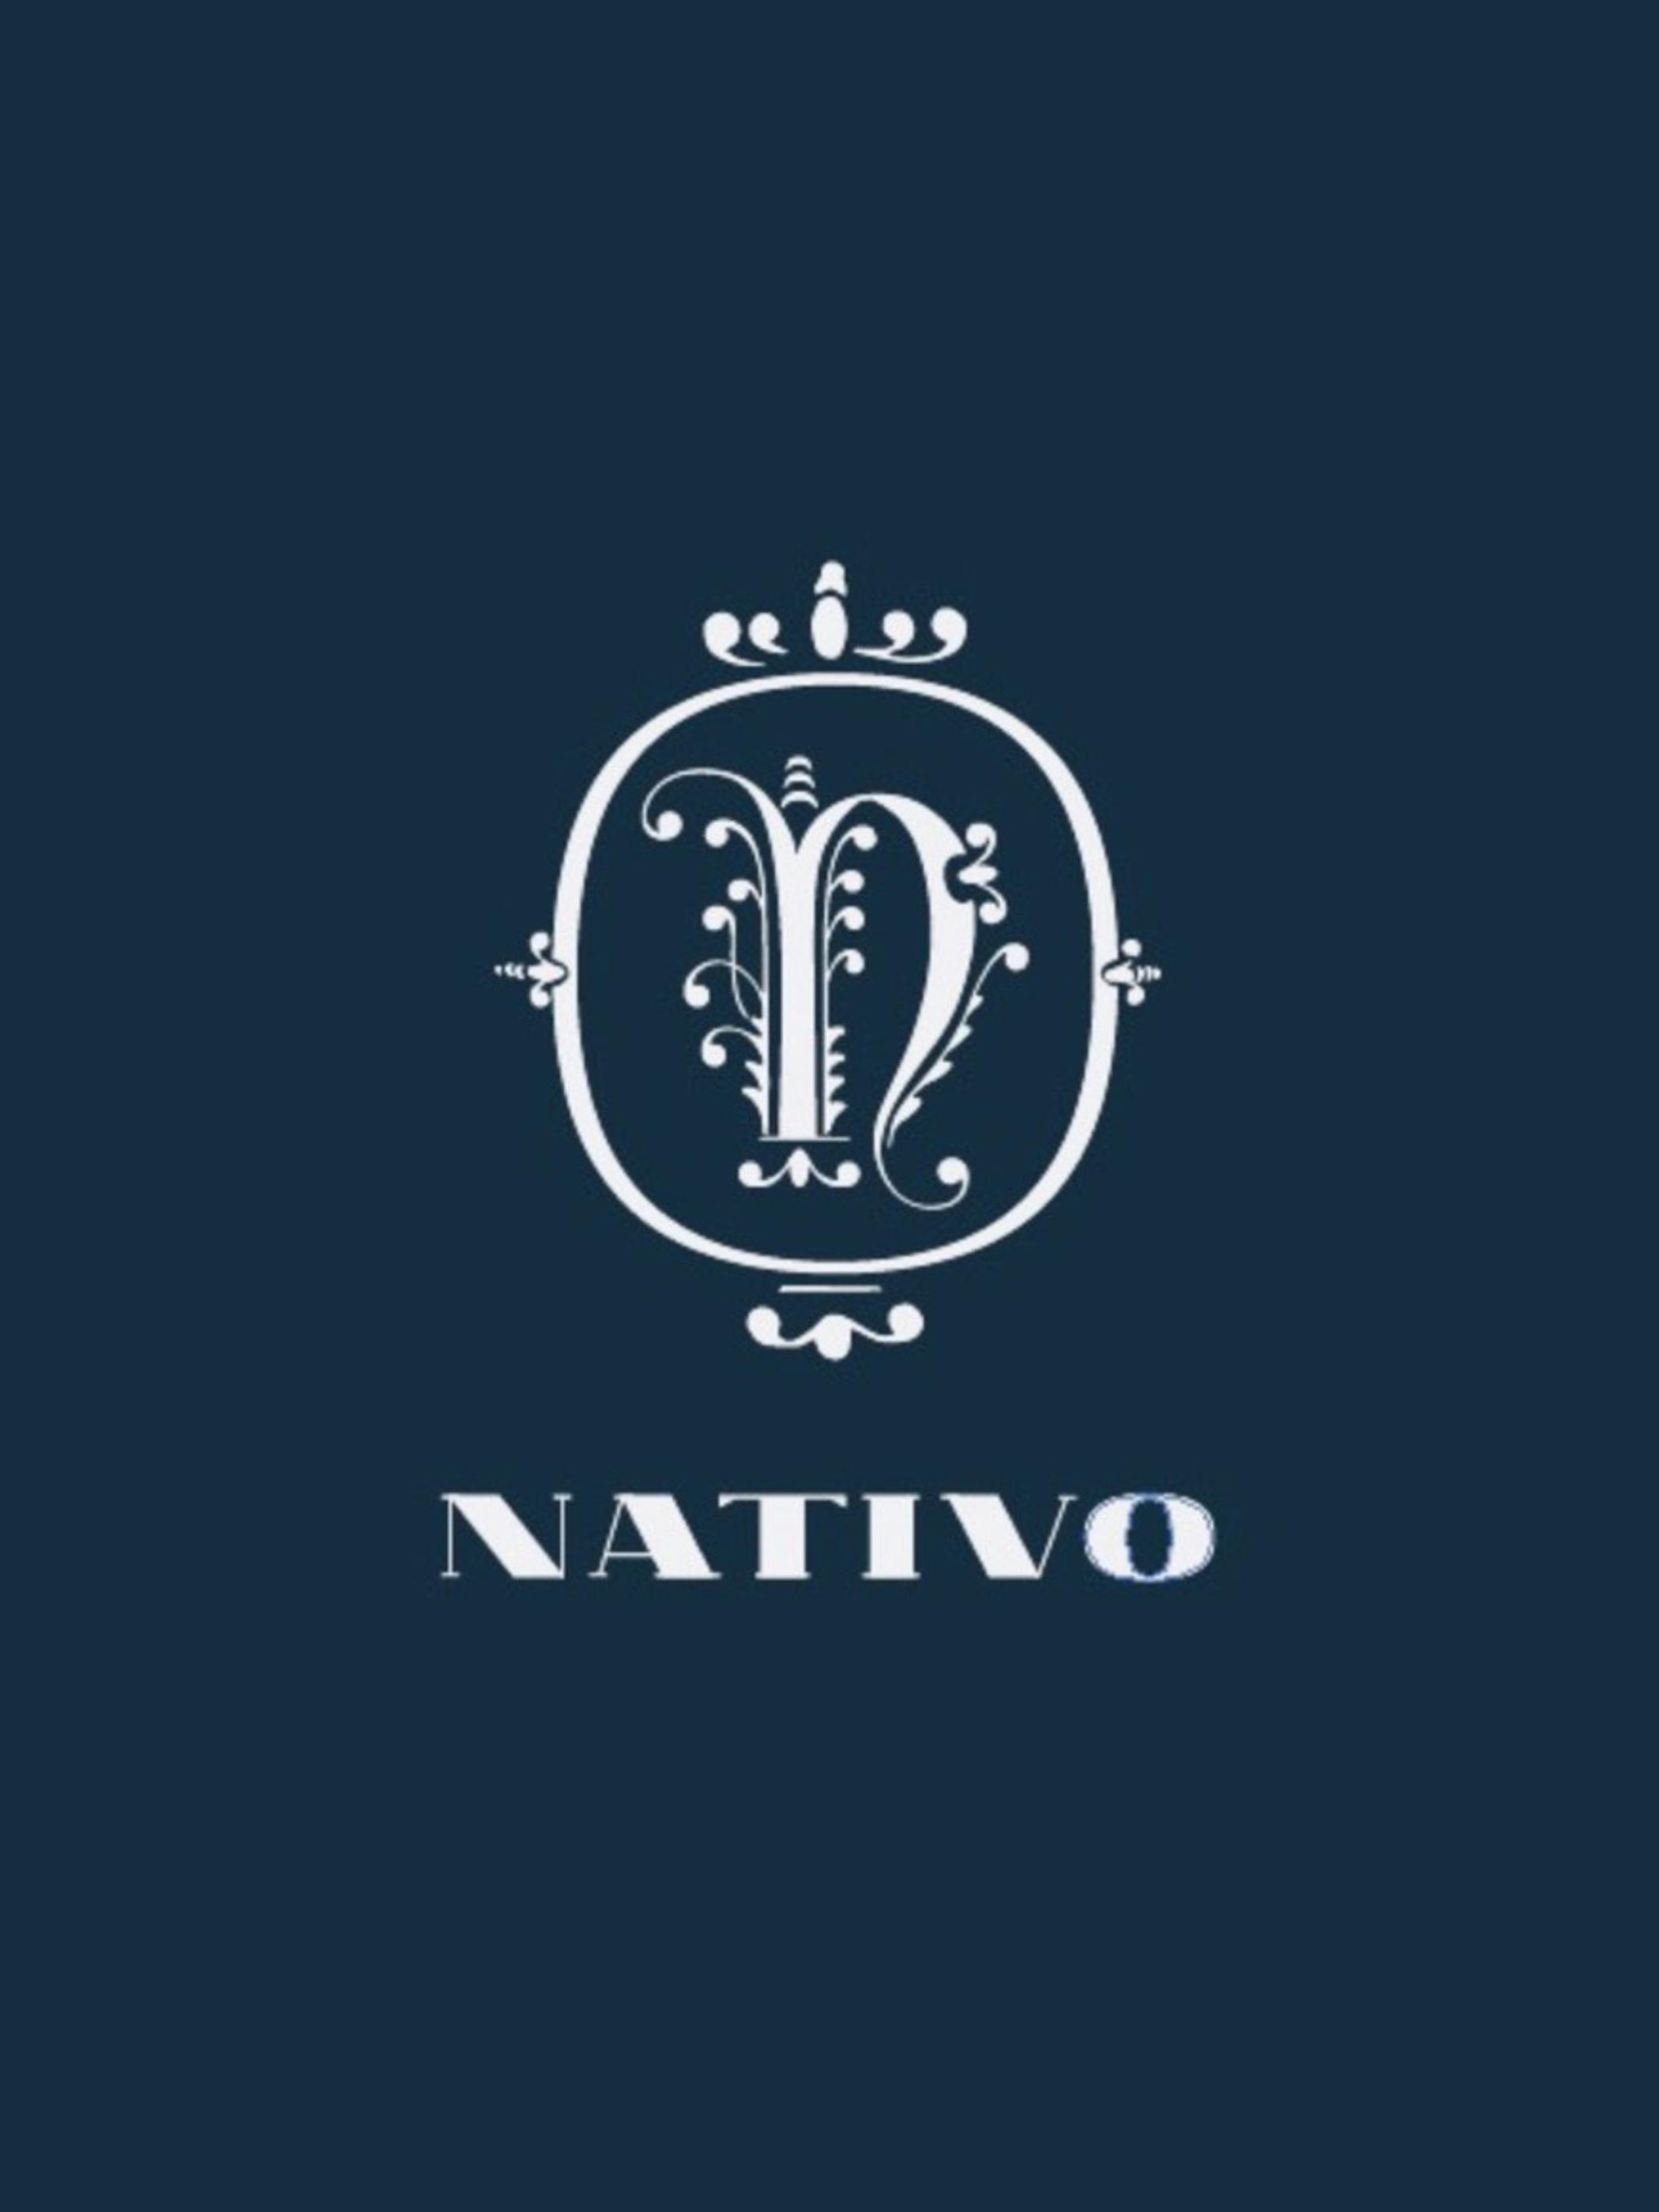 エプロン:NATIVO